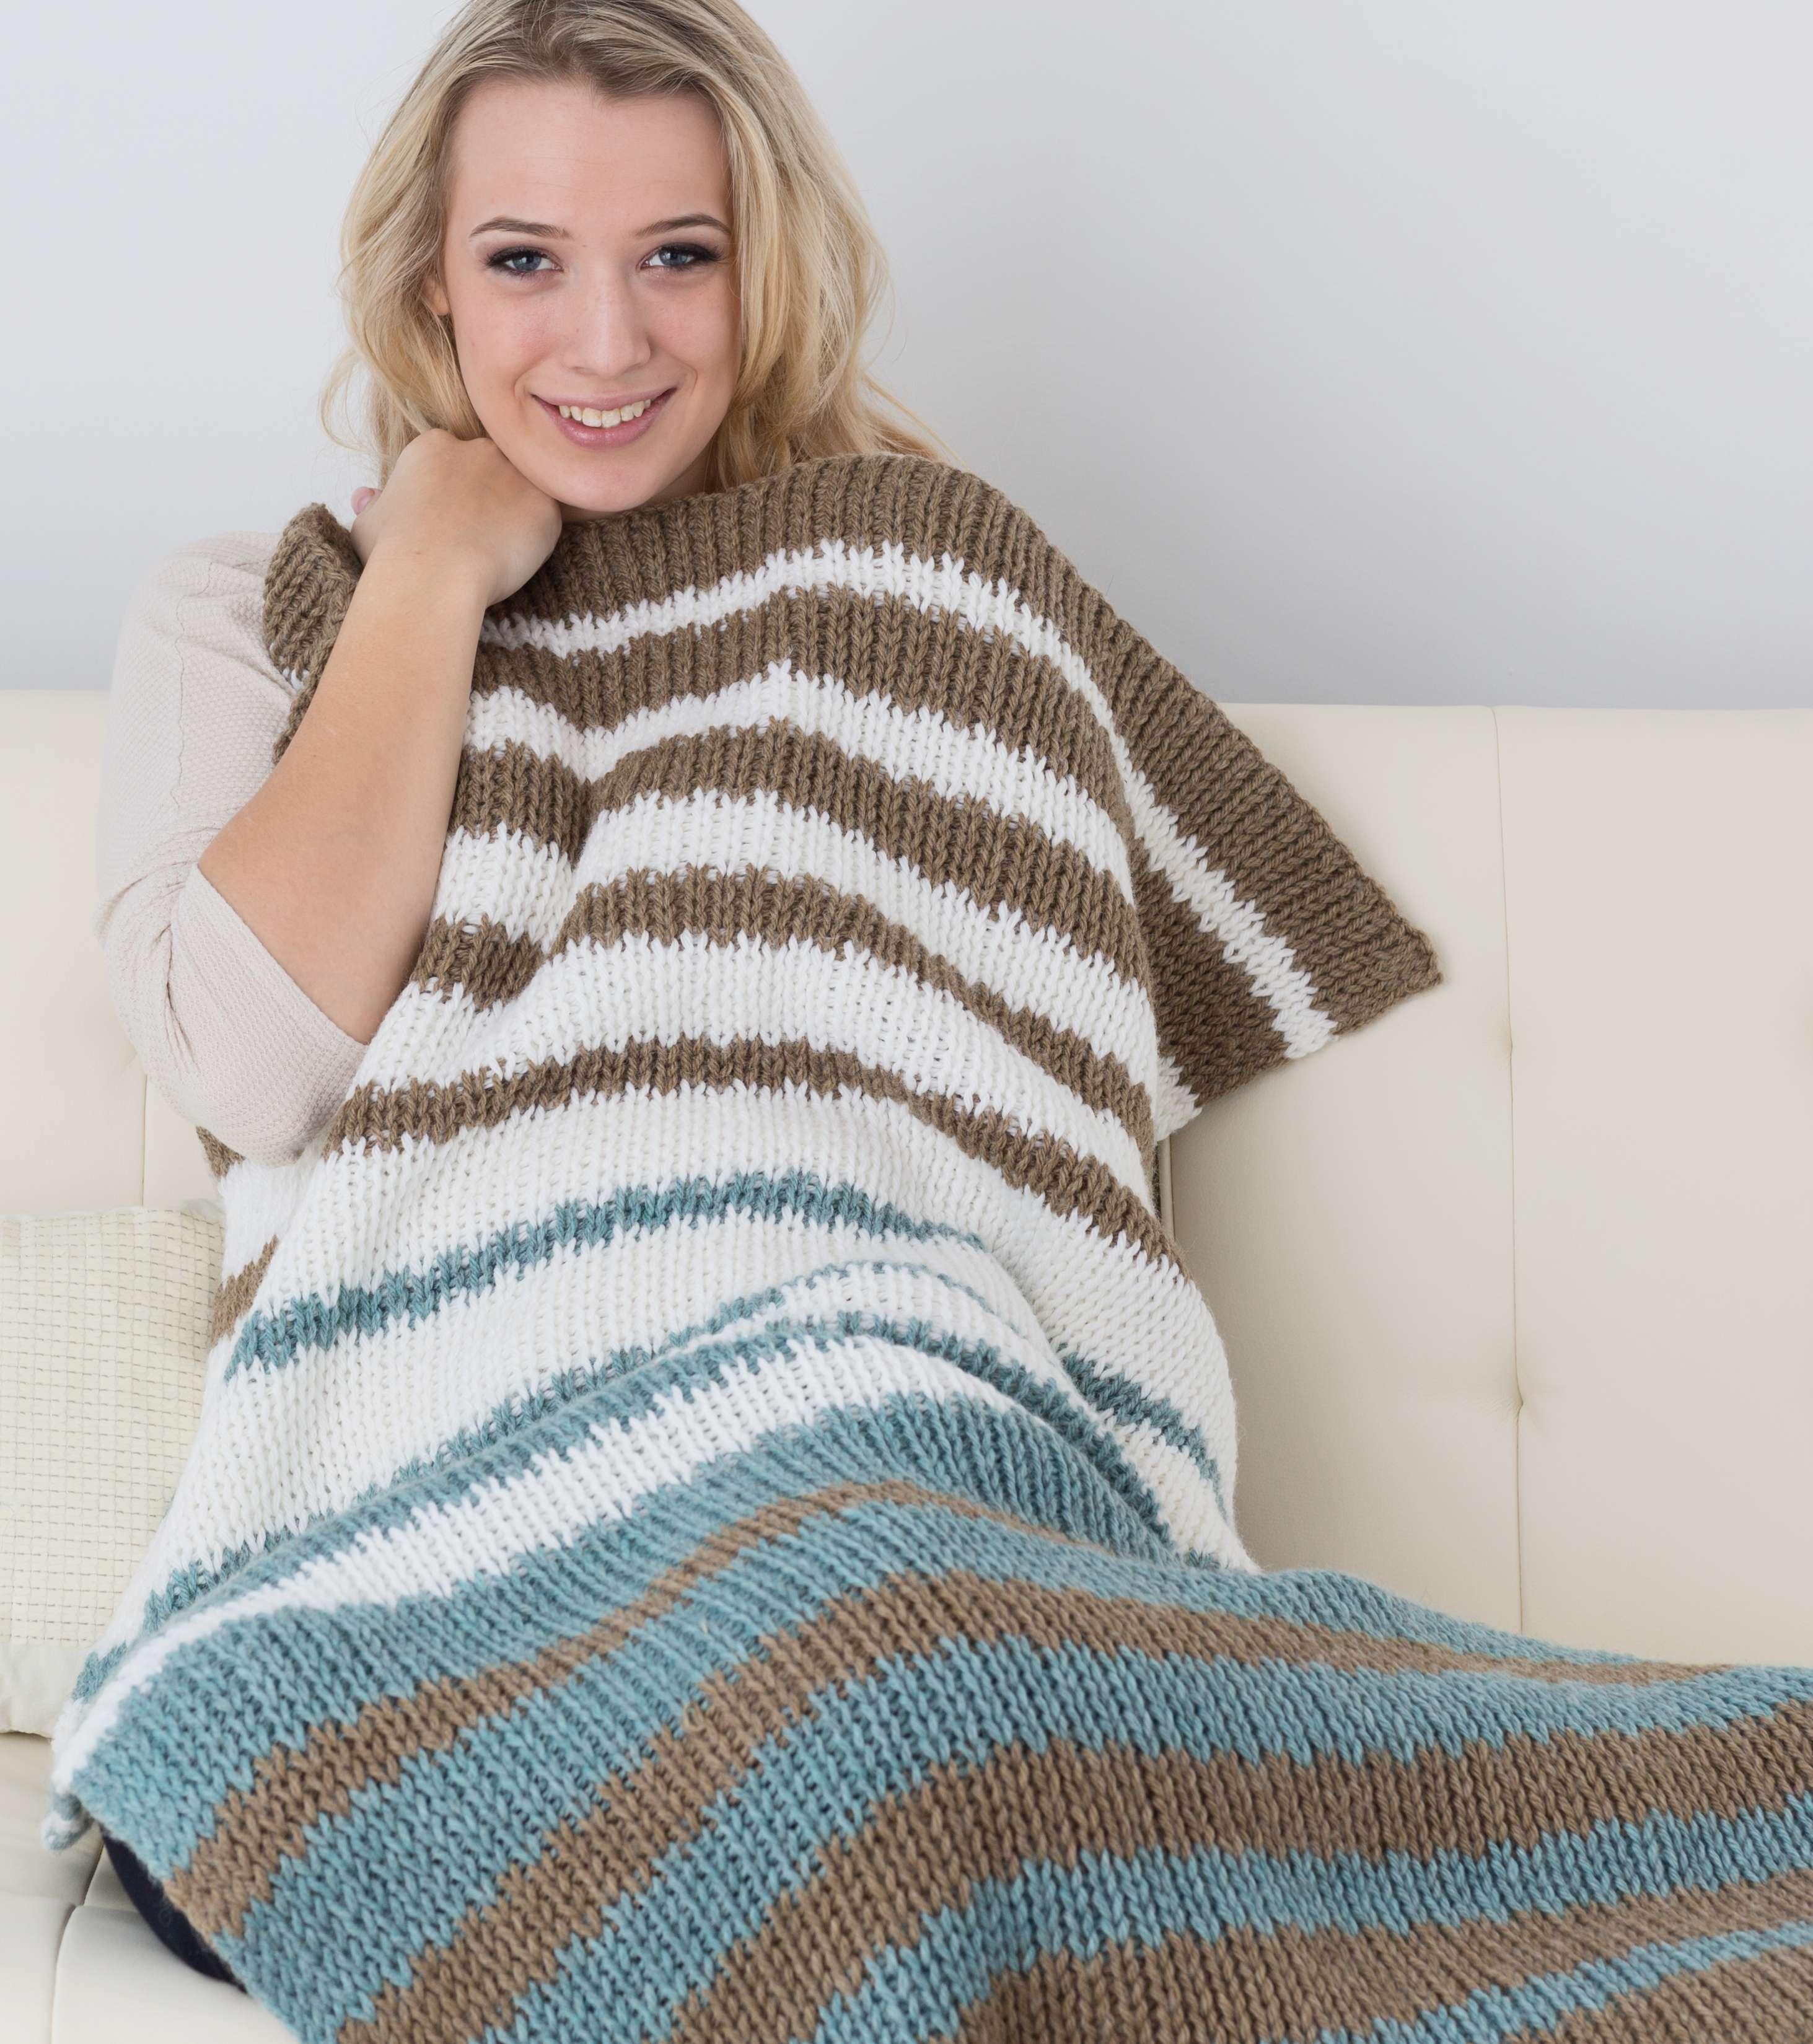 'Back to Basics' Blanket (double knit)